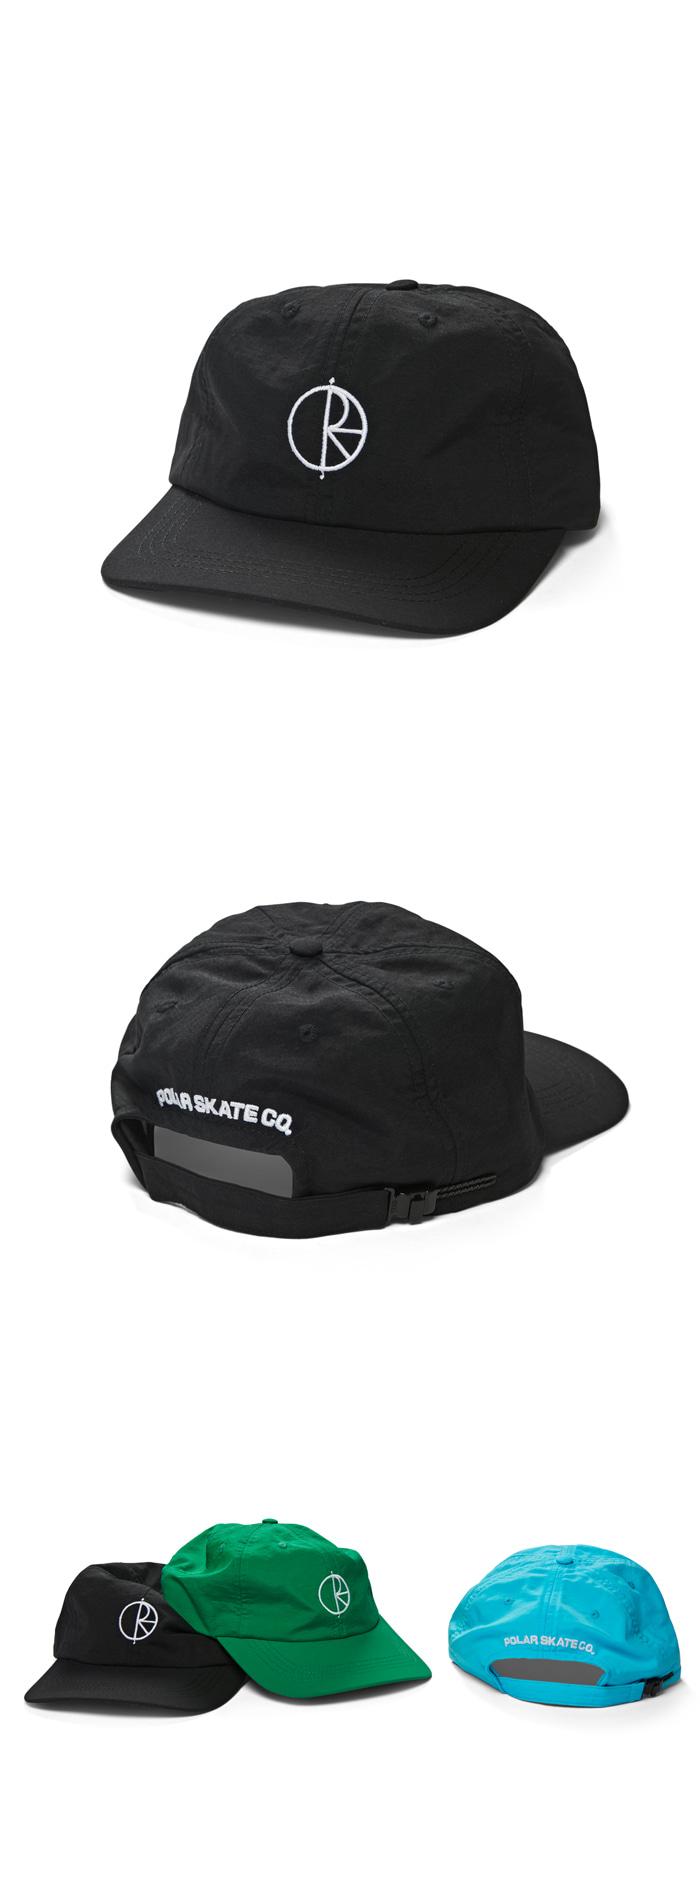 폴라(POLAR) Lightweight Caps - Black